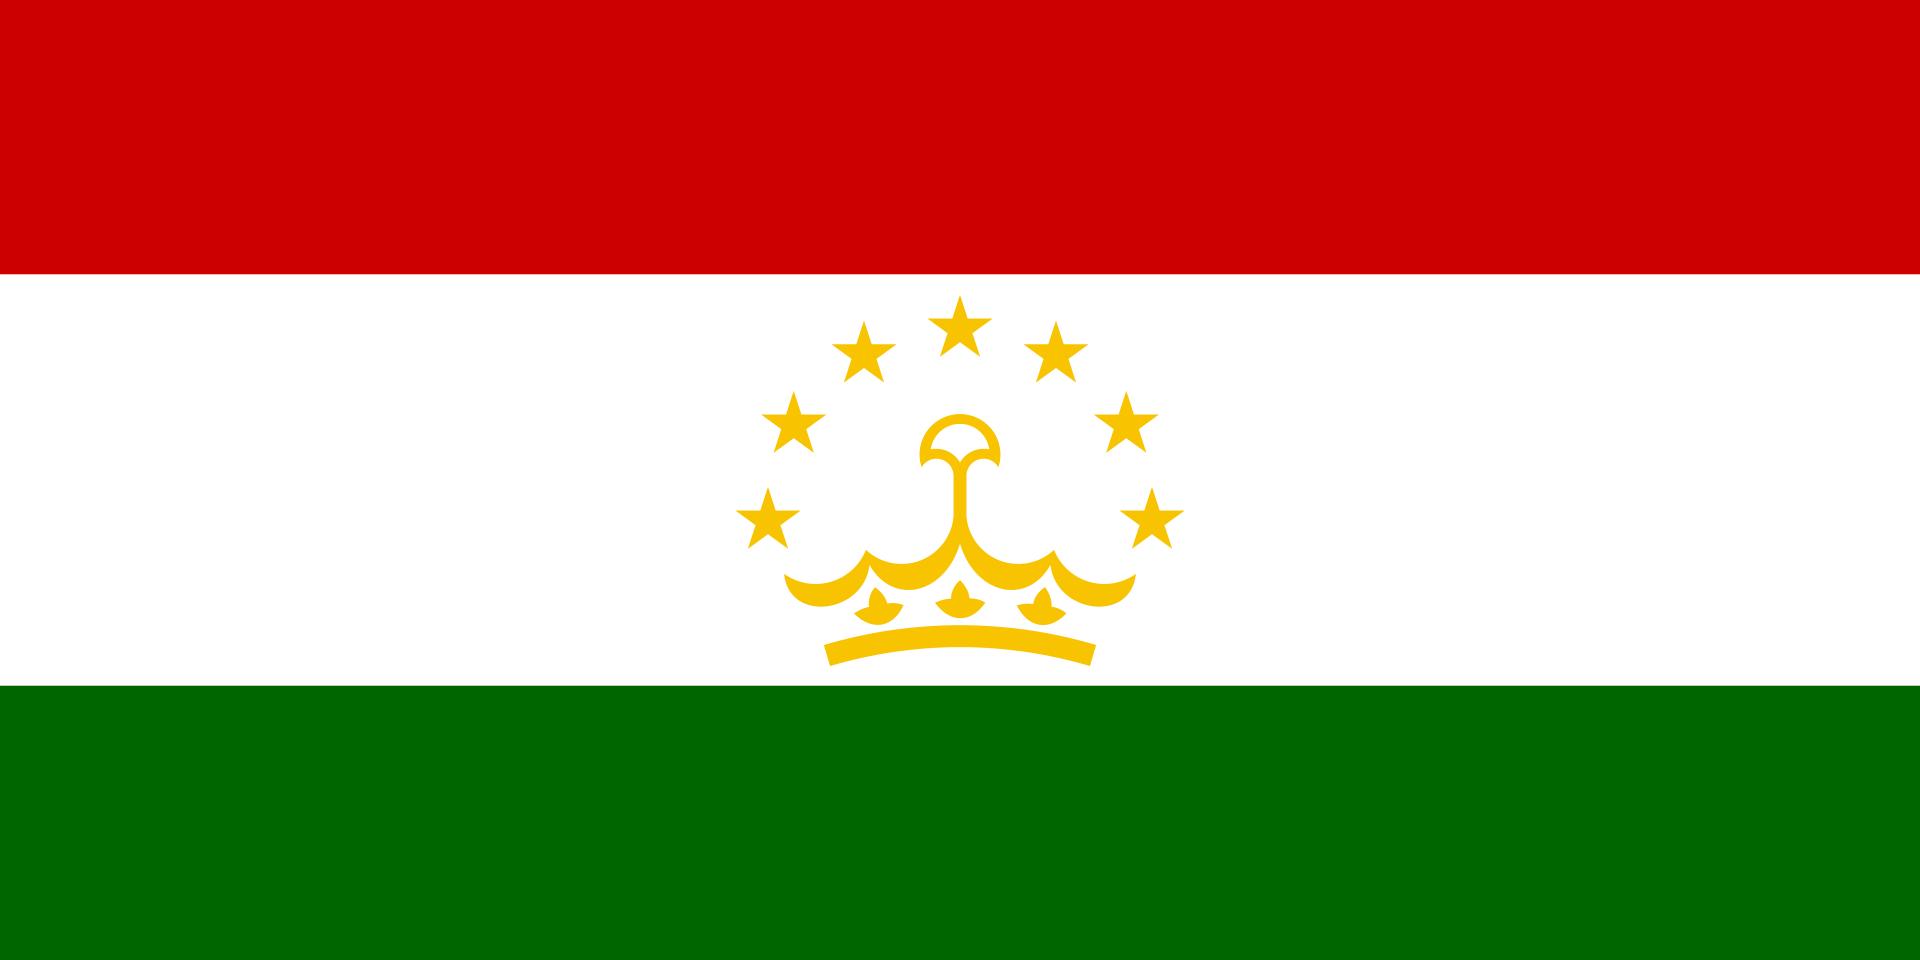 Điện mừng Quốc khánh nước Cộng hòa Tát-gi-ki-xtan